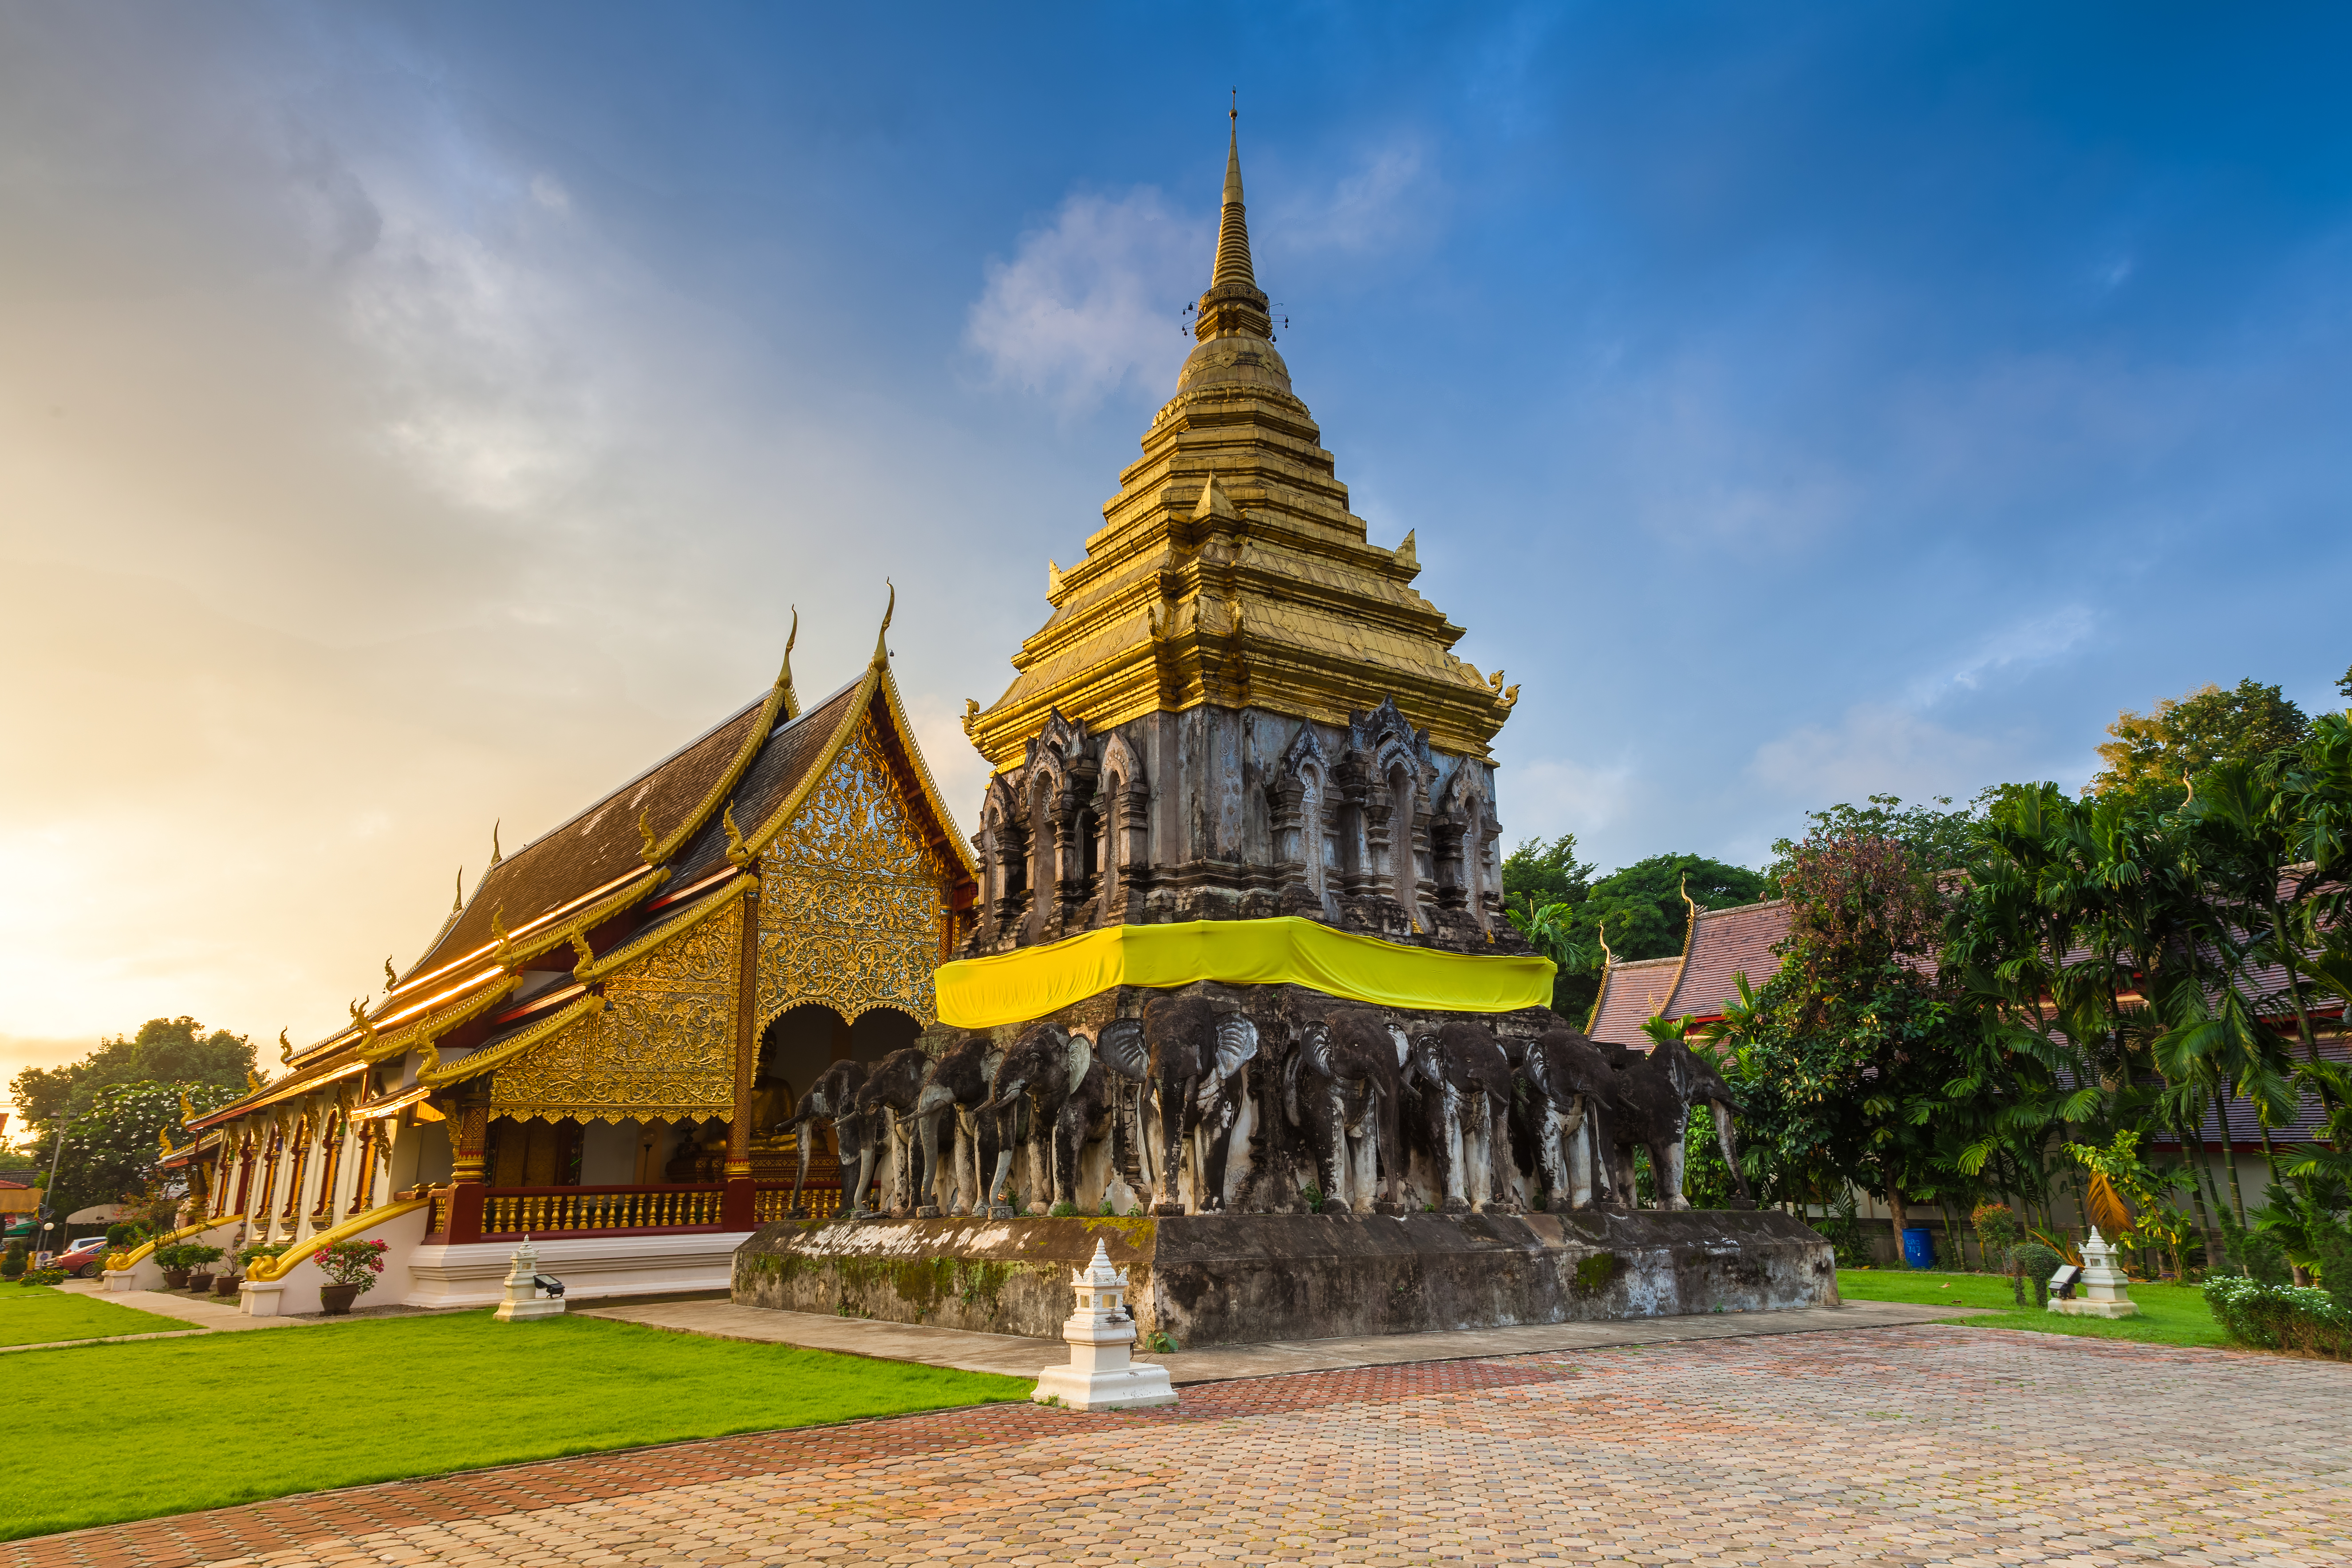 Chiang Mai, una ciudad monumental - Tailandia Gran Viaje Tailandia al completo